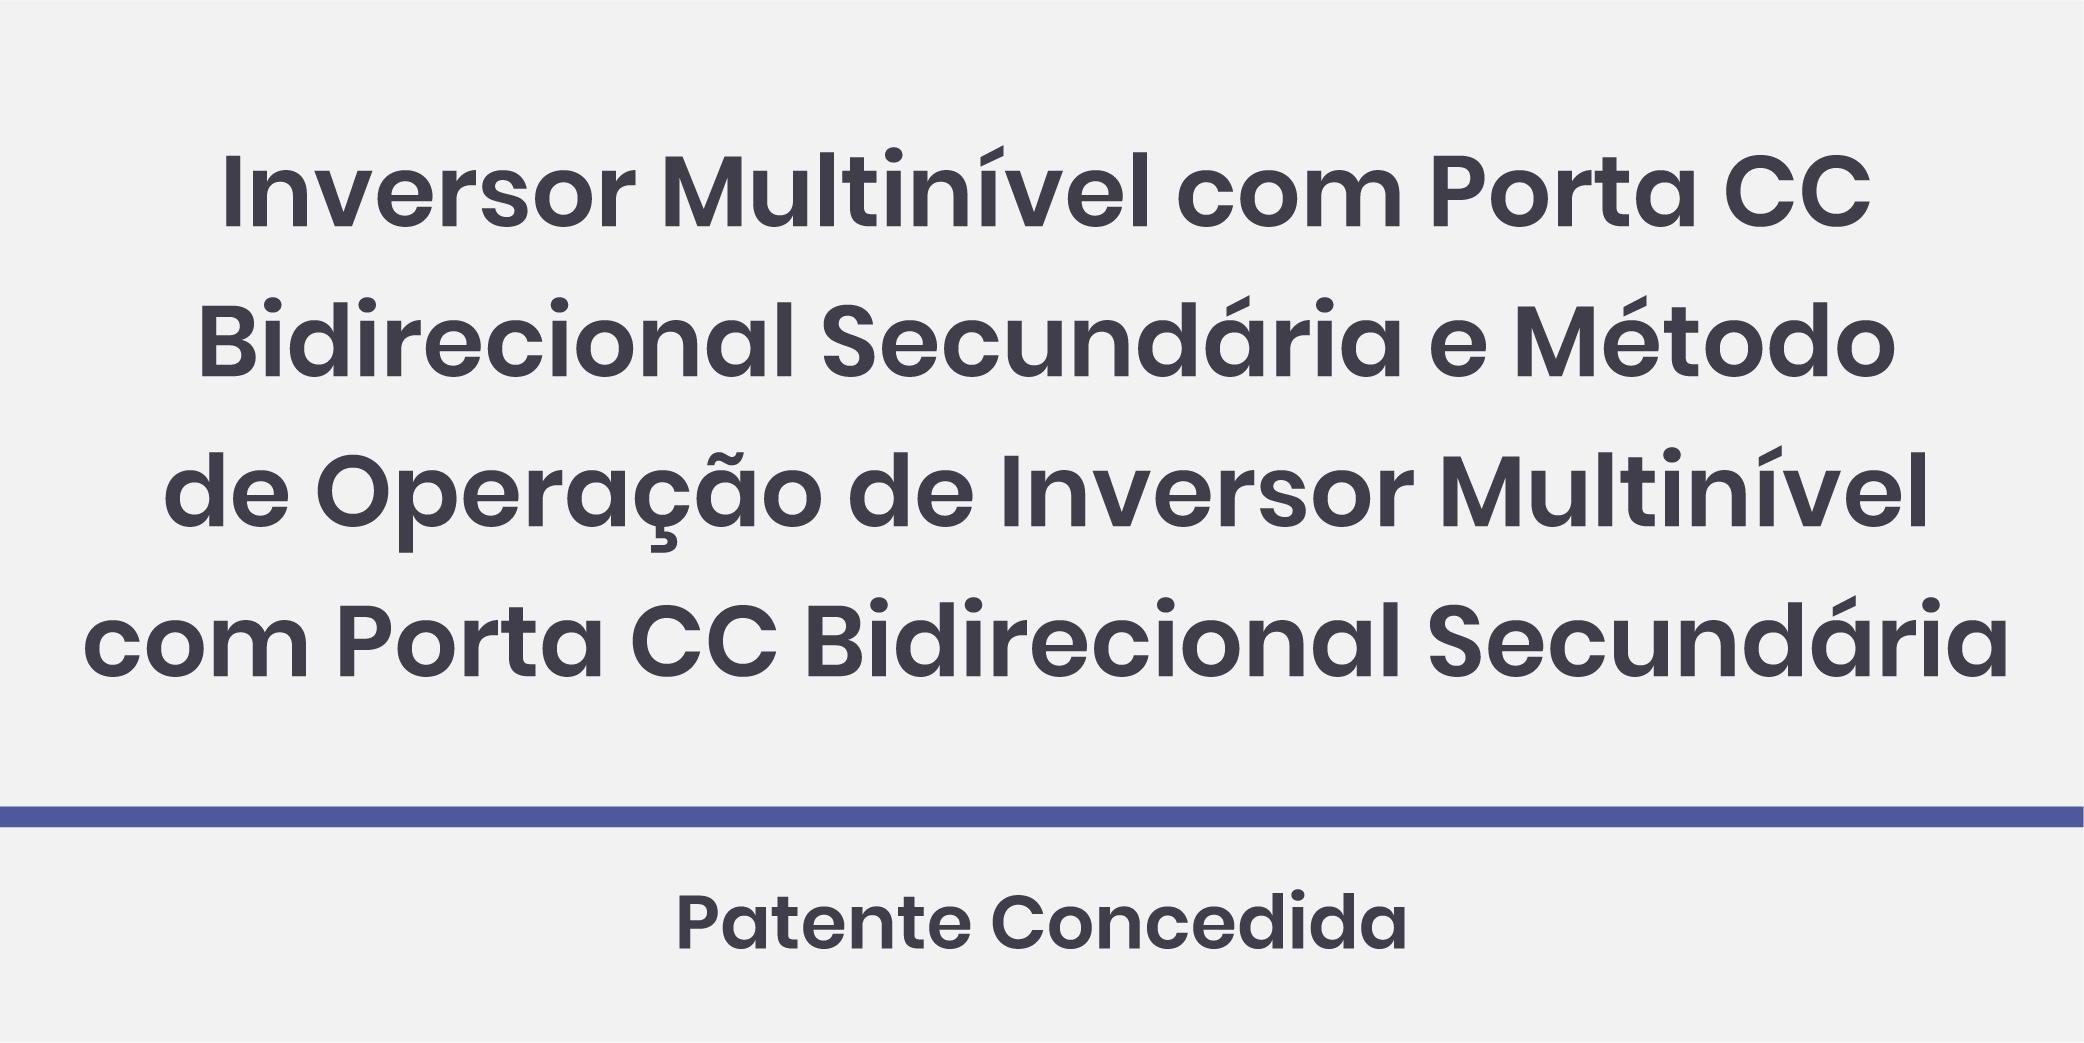 Inversor Multinível com Porta CC Bidirecional Secundária e Método de Operação de Inversor Multinível com Porta CC Bidirecional Secundária